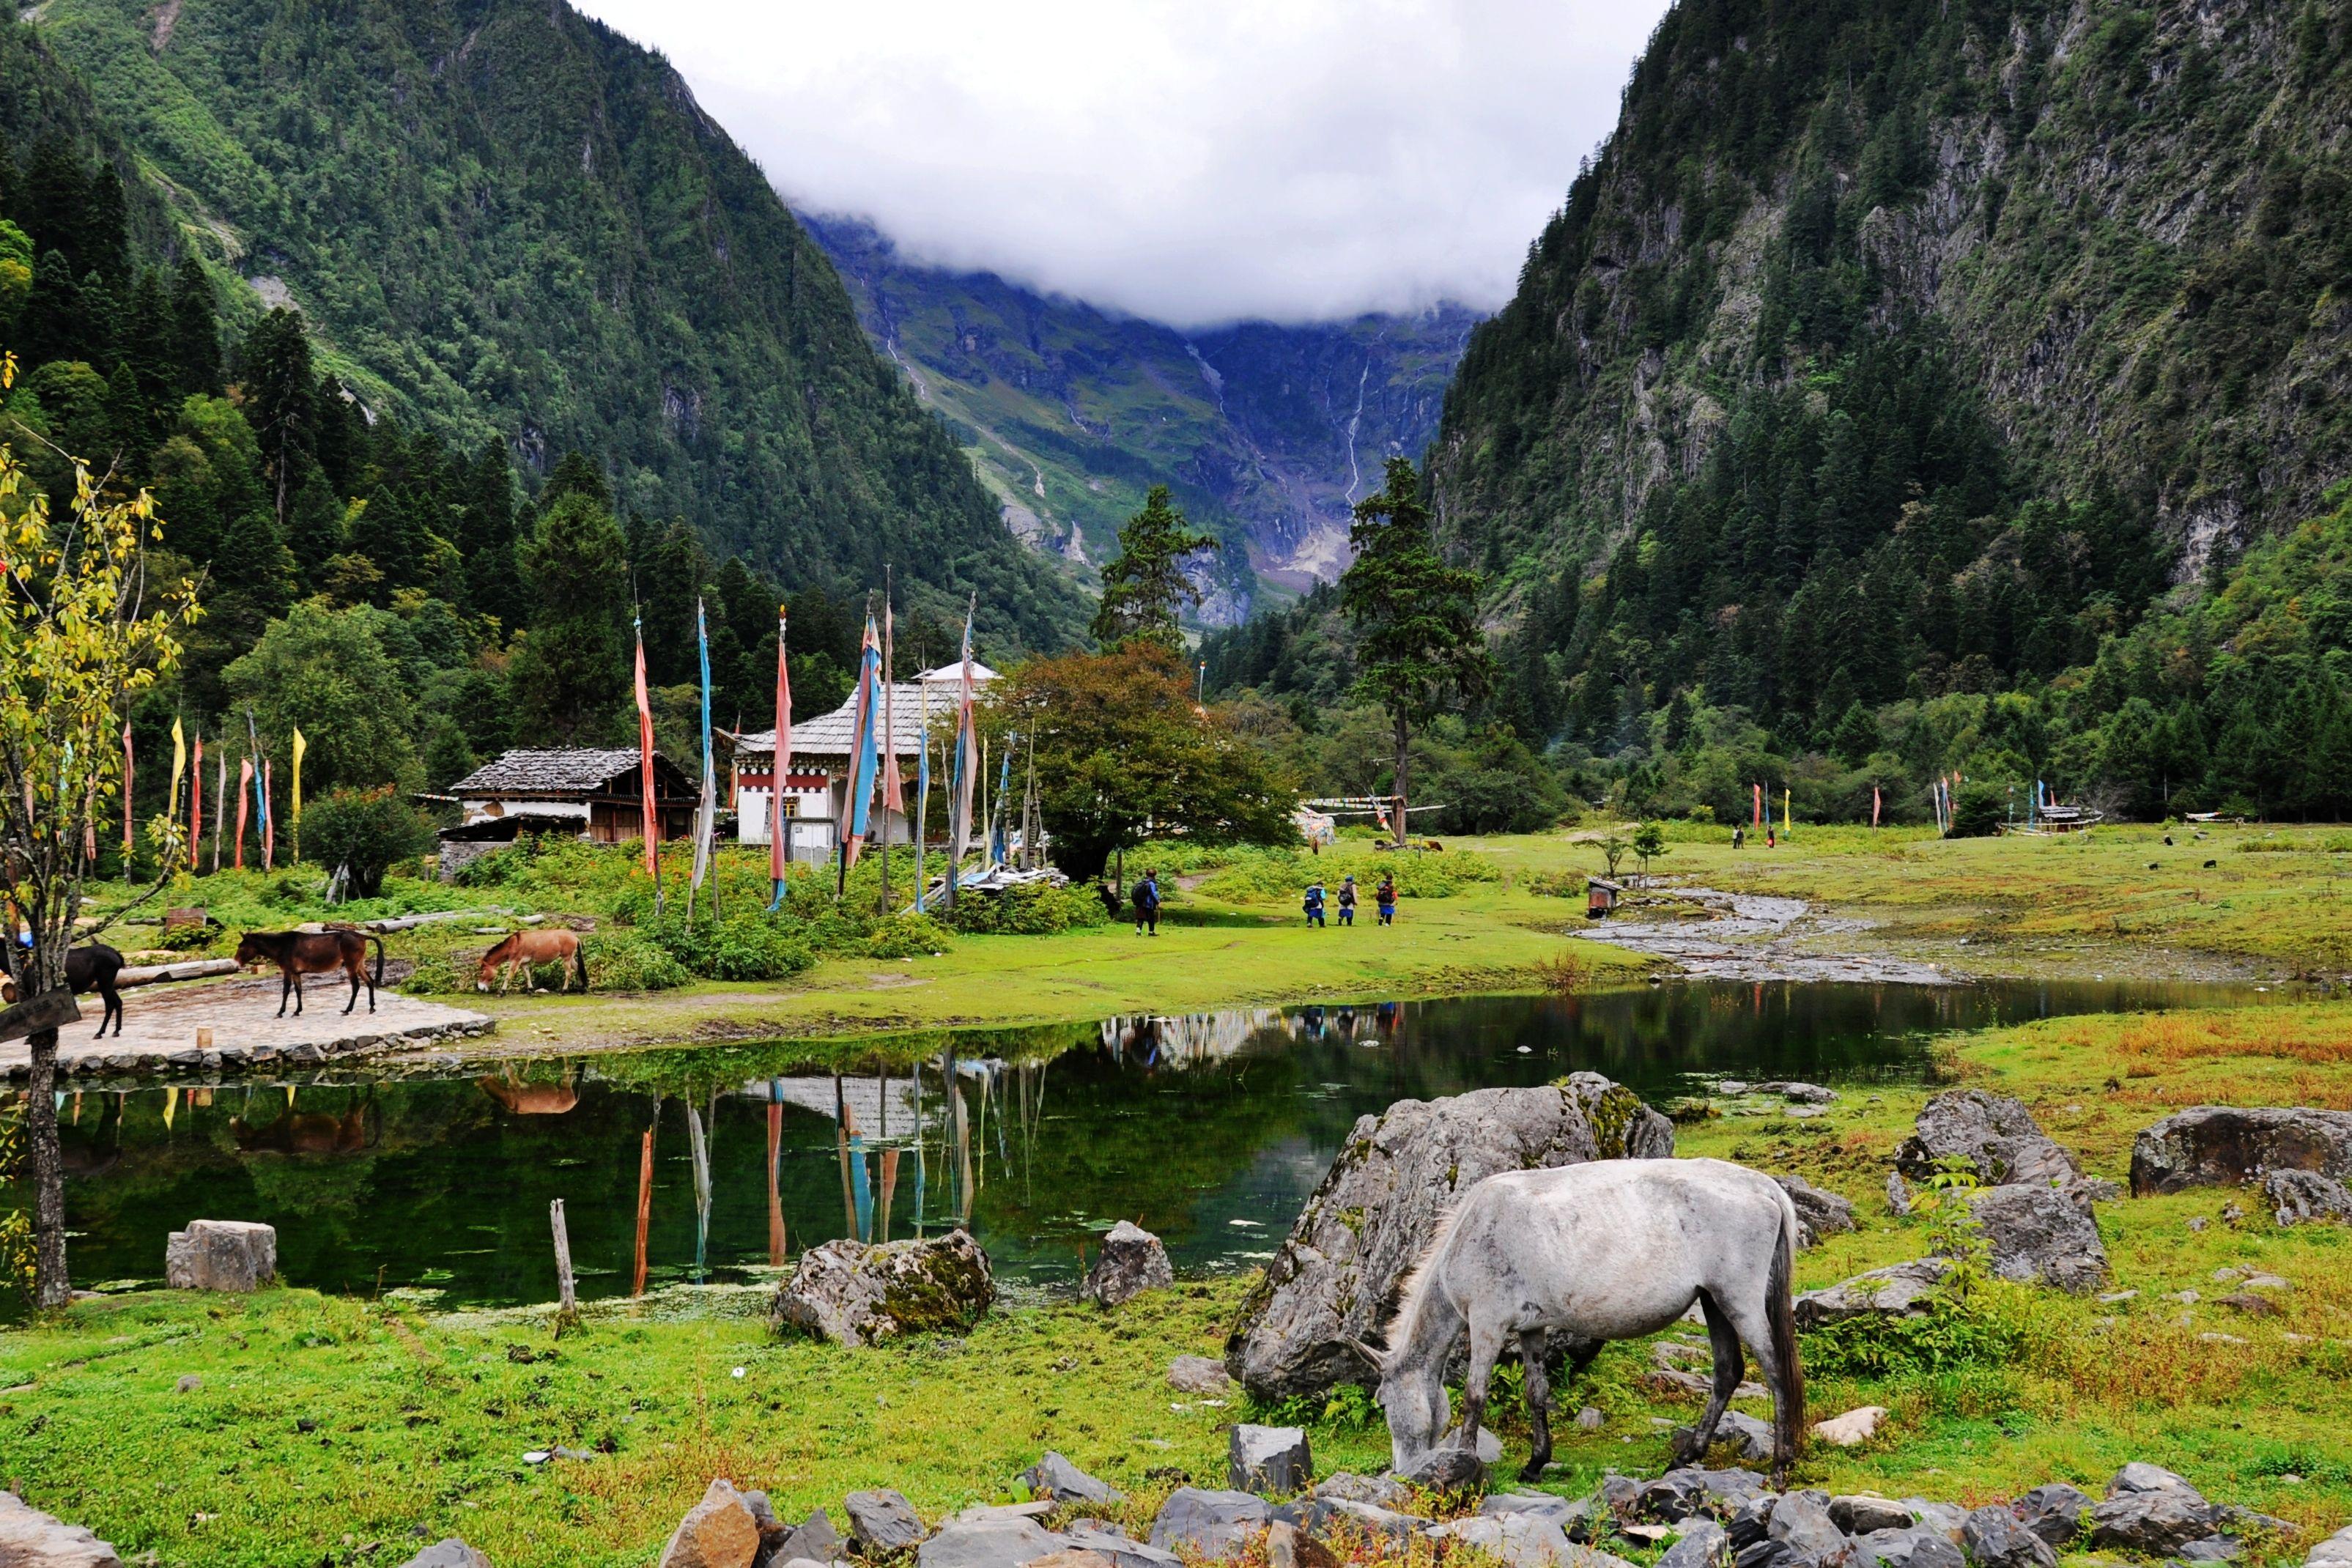 行摄雨崩稻城亚丁梅里雪山,滇藏川三地大环线之旅